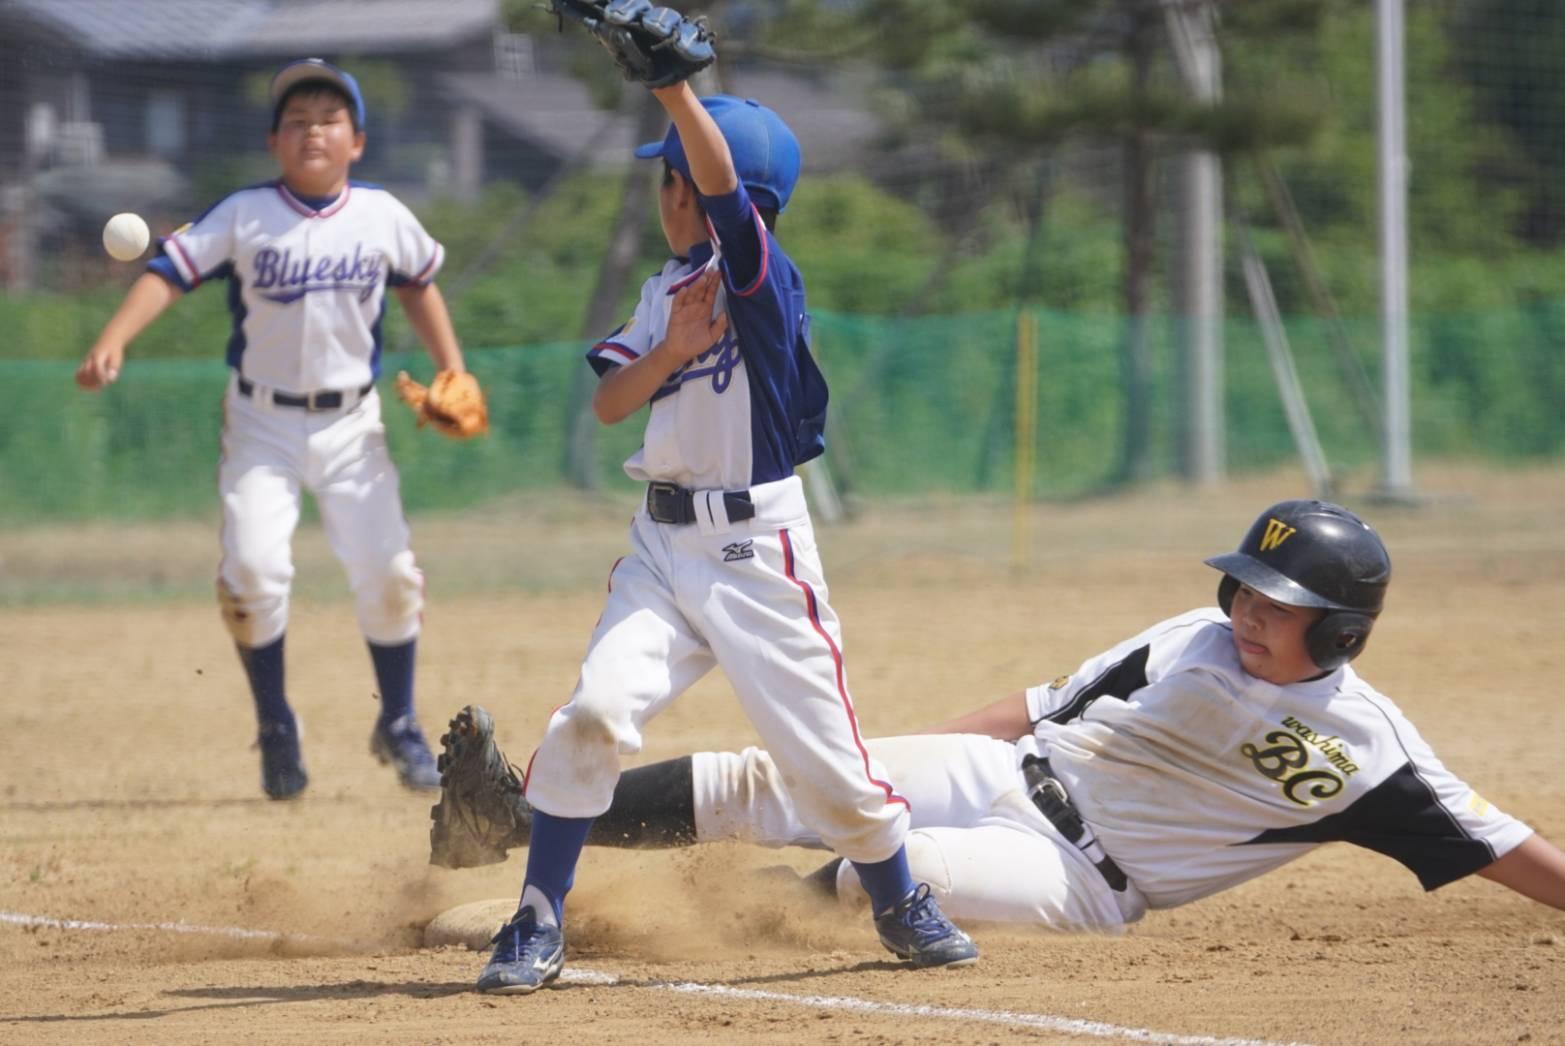 6月2日 スポ少B大会結果です! vs和島ベースボールクラブさん_b0095176_15483180.jpeg